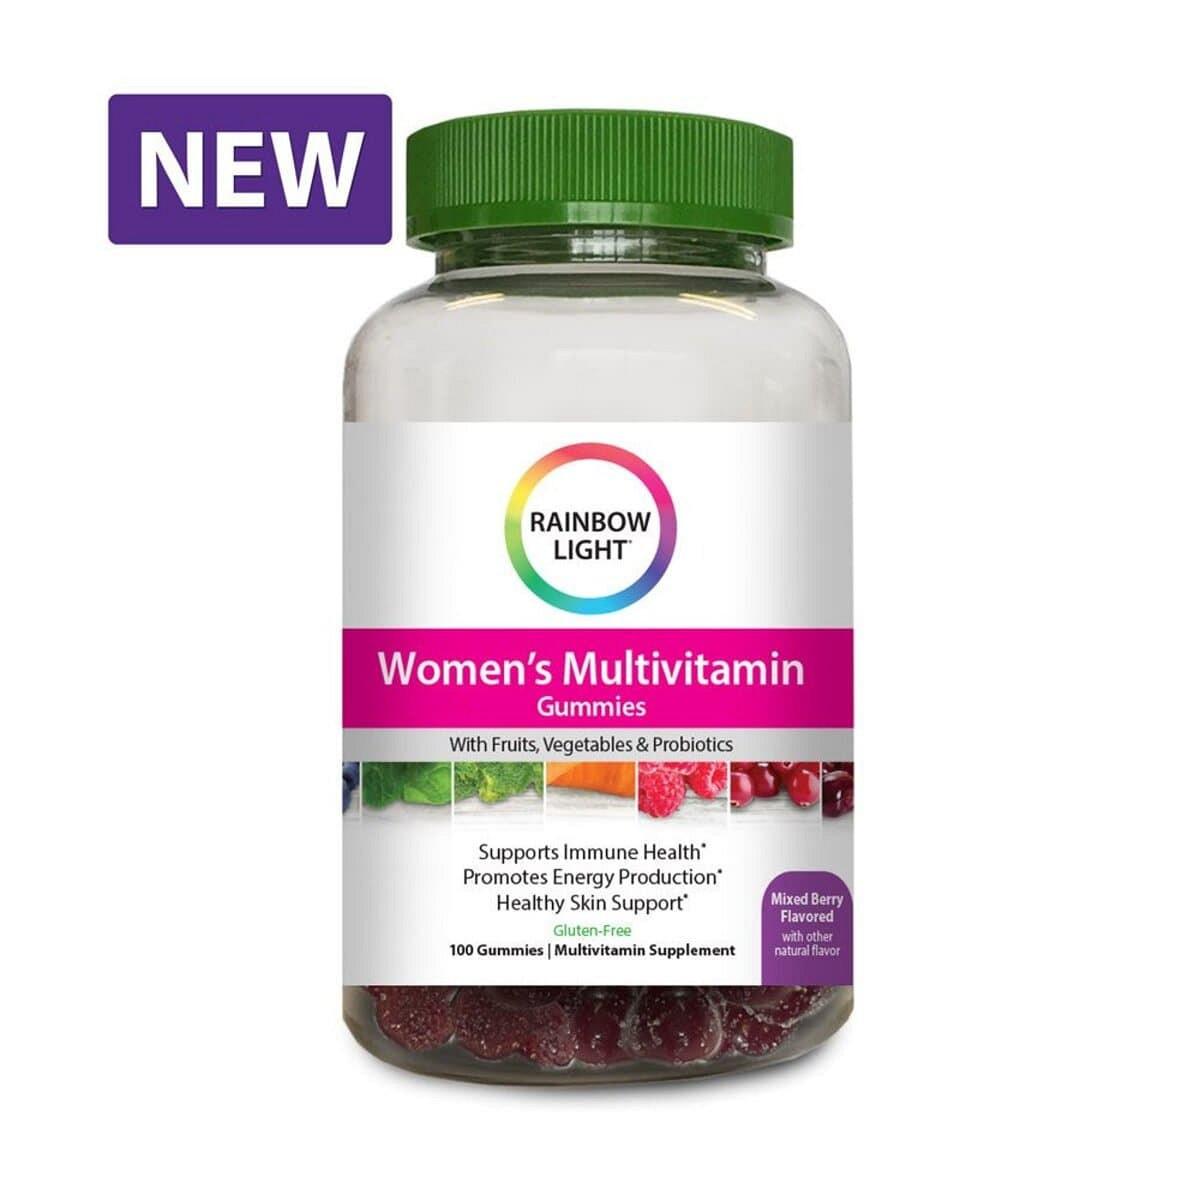 Мультивитамины для Поддержания Энергии для Женщин, New Women's Multivitamin Gummies, Rainbow Light, 100